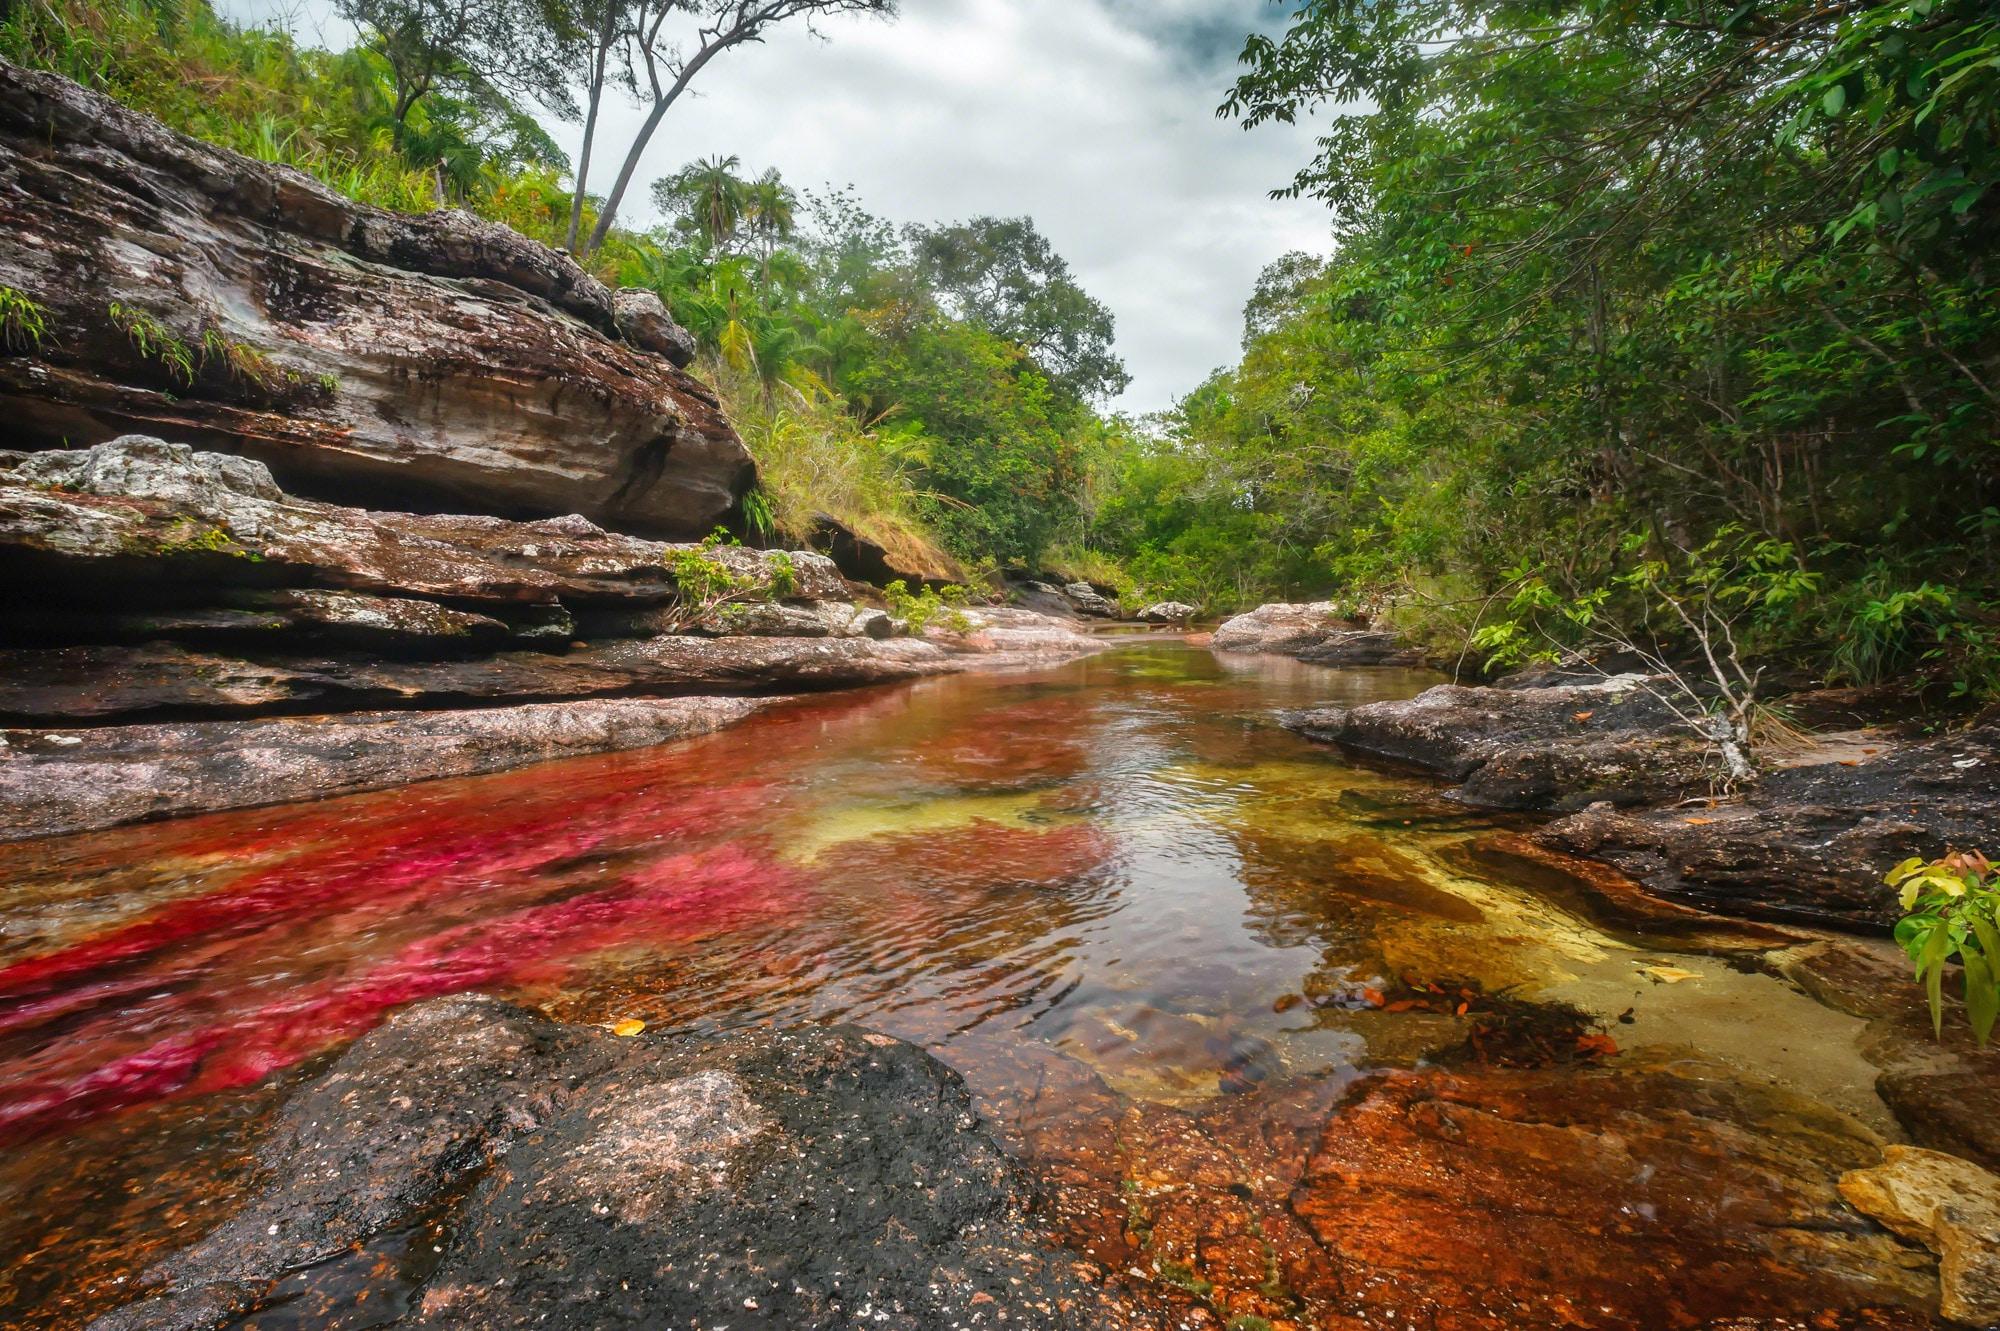 Râul Cano Cristales, cel mai colorat râu din lume